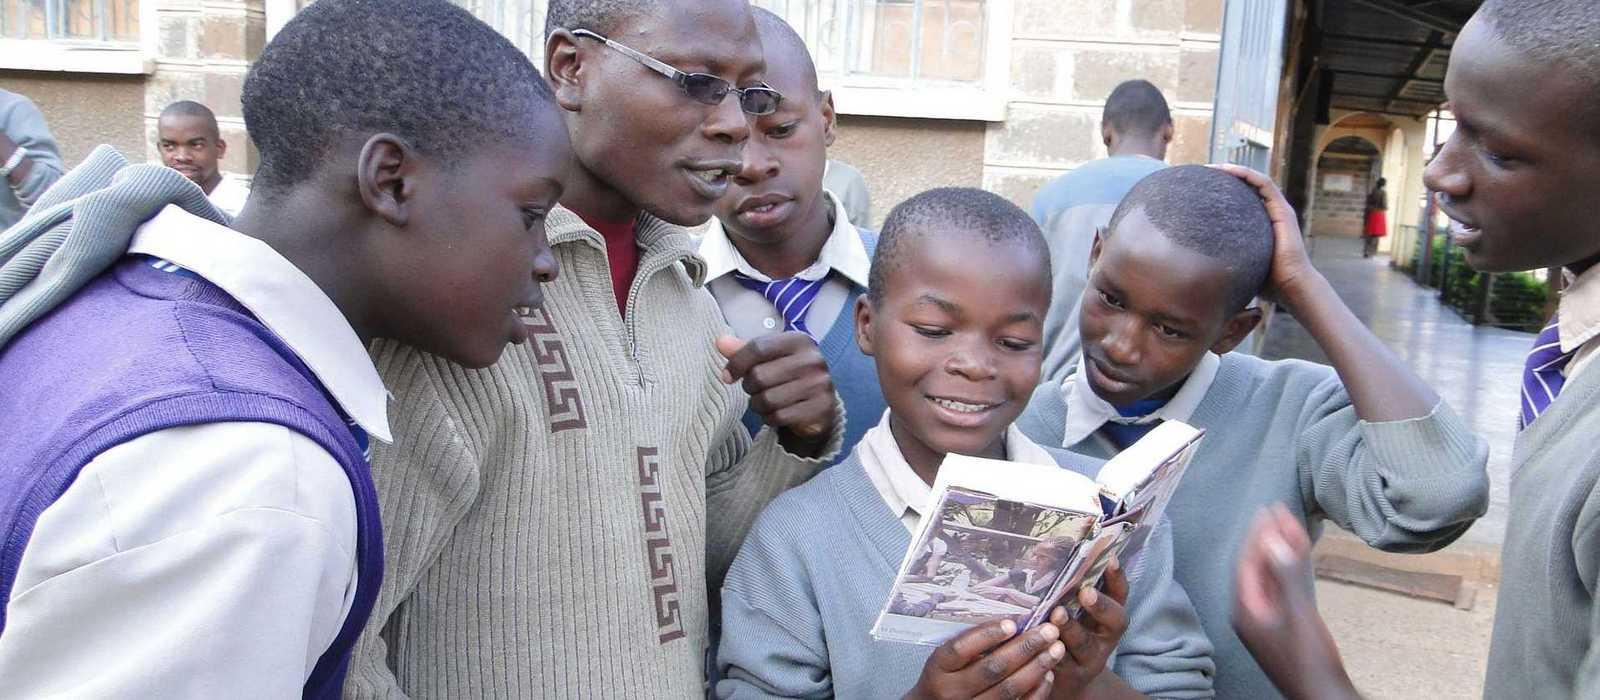 Eine Junge liest in einem Buch, andere stehen neugierig drumherum